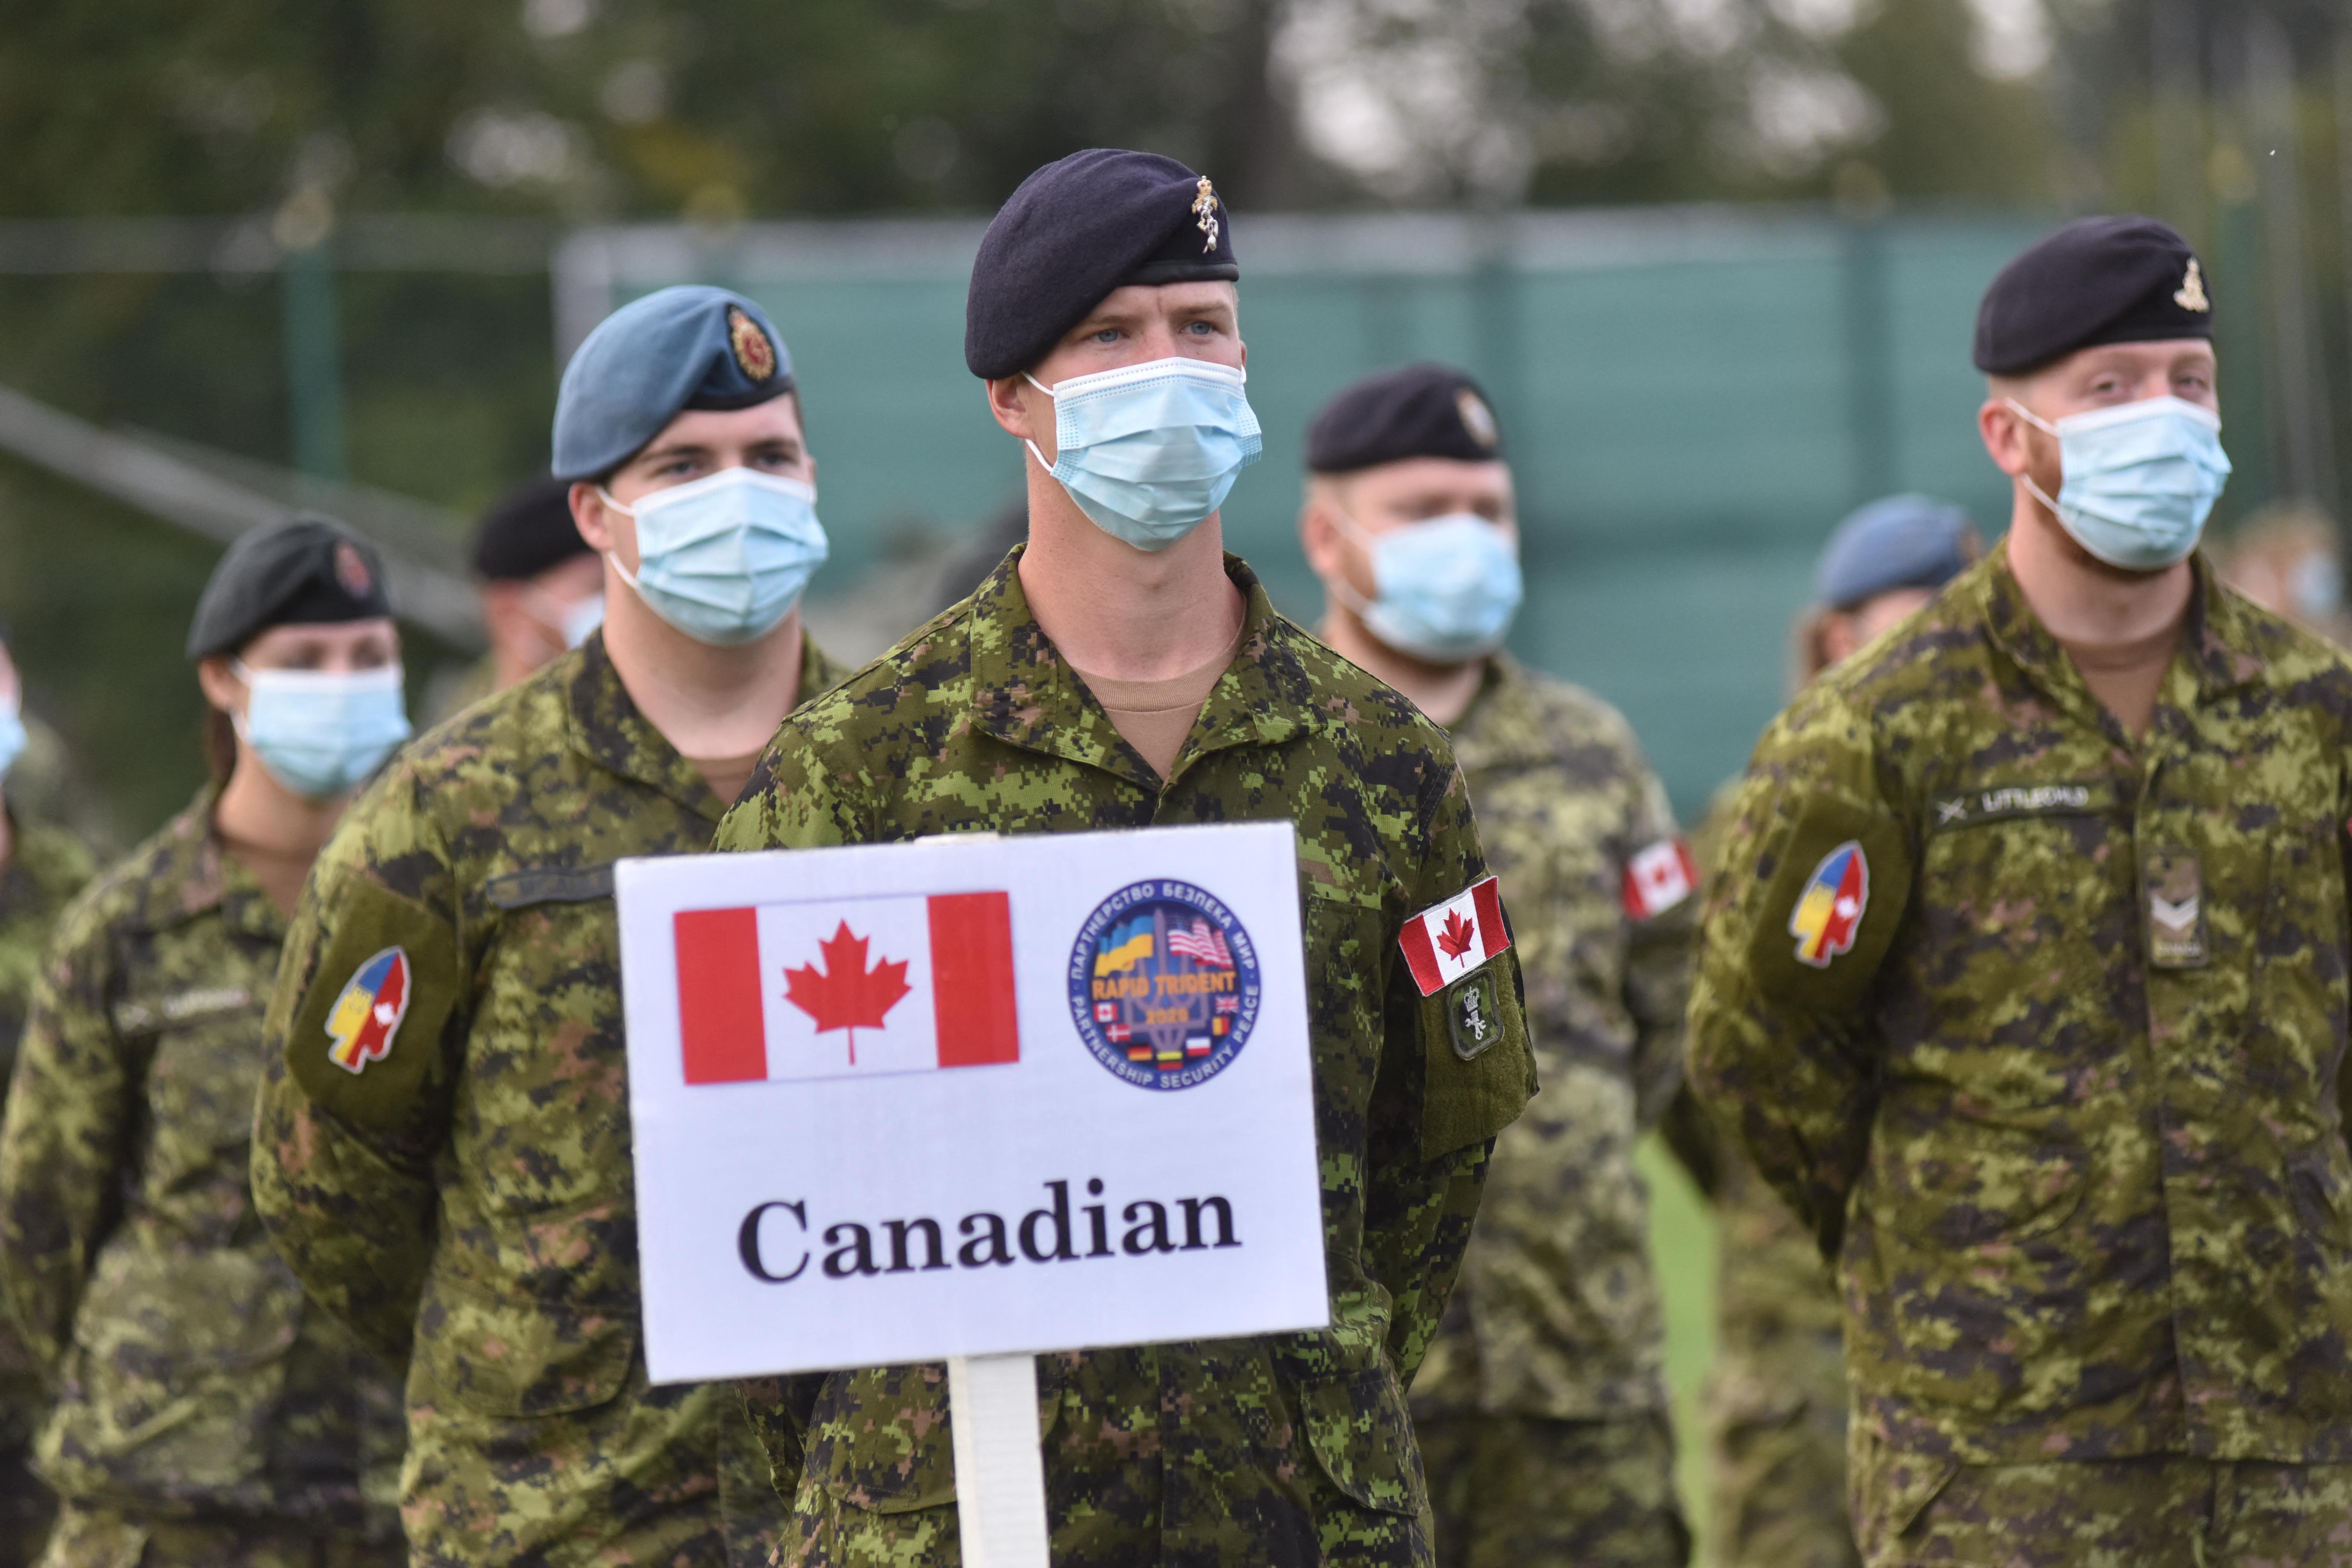 Zendüléssel vádolnak egy kanadai tartalékos katonát, mert felszólalt a vakcinák ellen